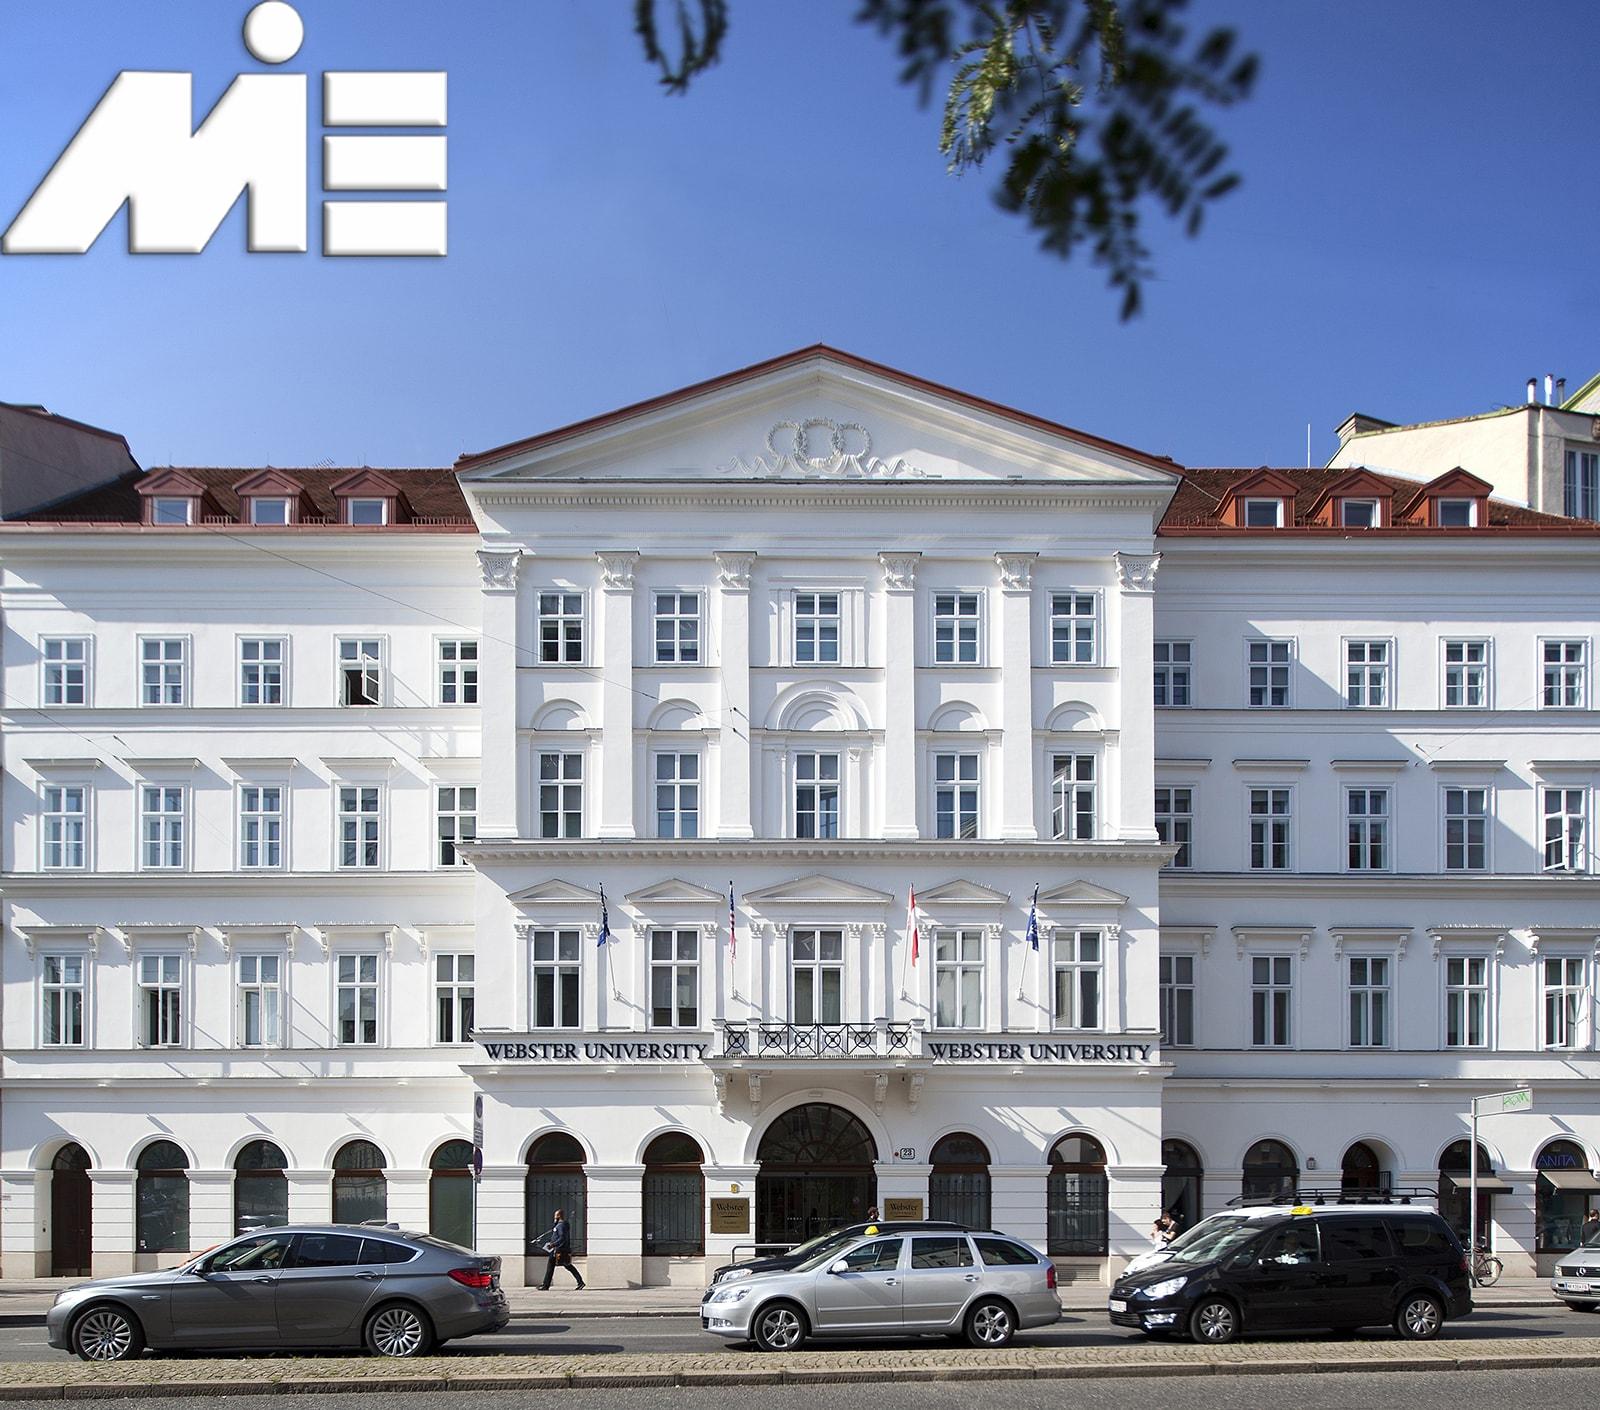 درباره دانشگاه وبستر اتریش ( Austria Webster university )